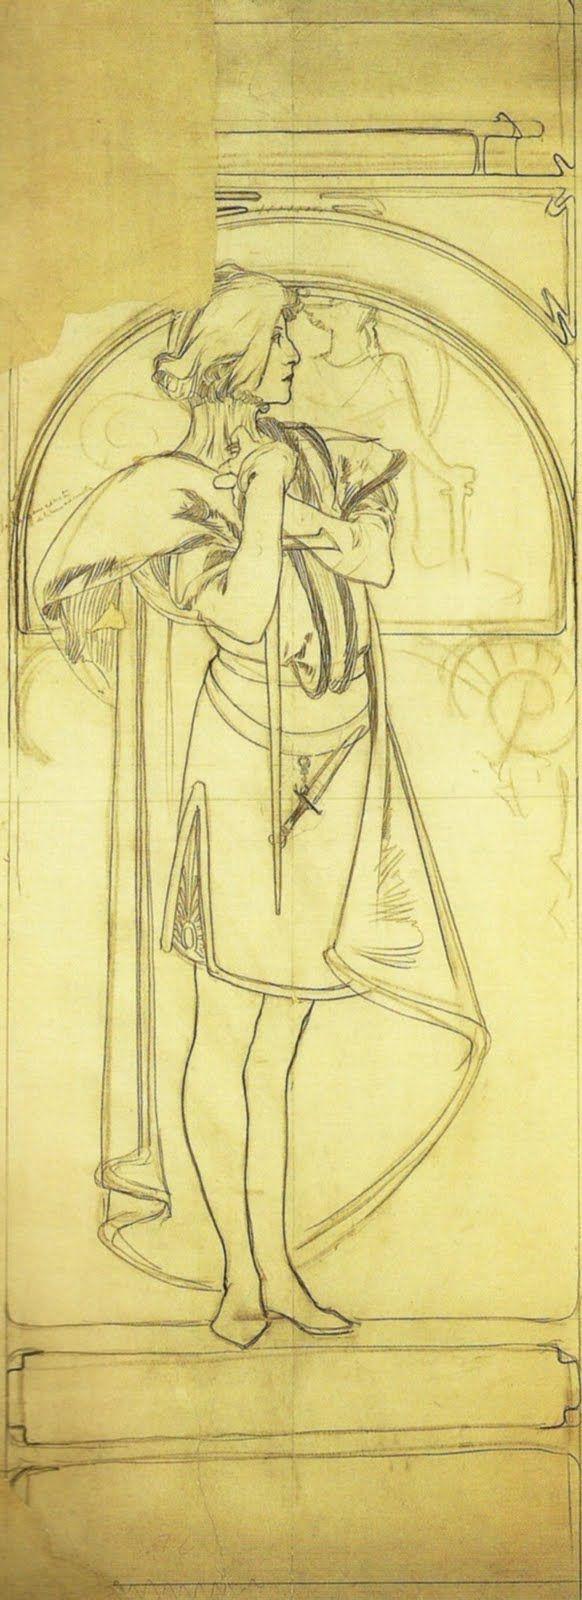 Alphonse Mucha - Esbozos para el Vestuario de Hamlet, 1899